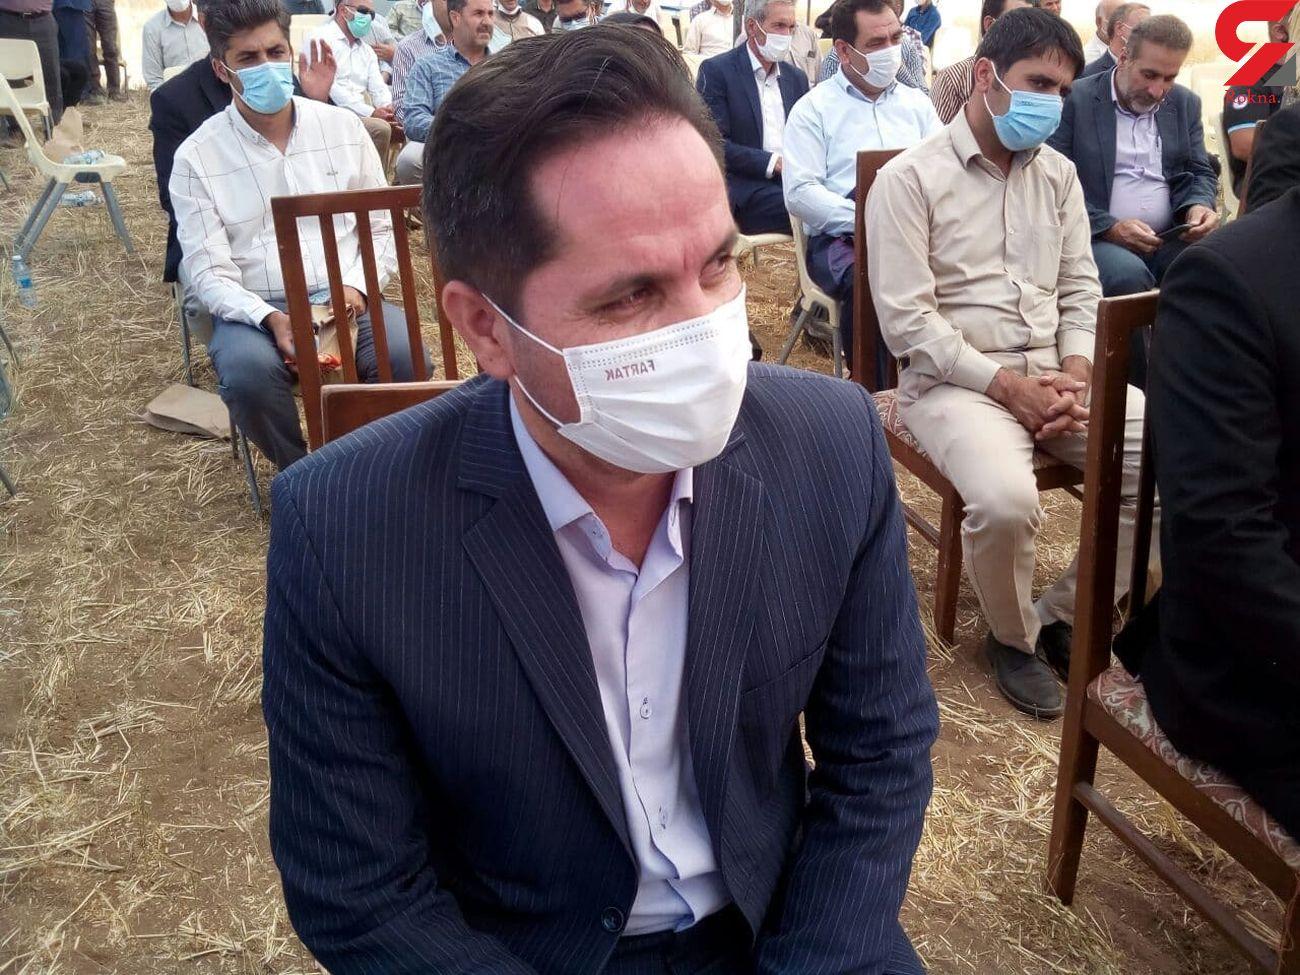 جعفر سعیدی مراسم هالاح لاما (برداشت آخرین روز گندم )در هشترود ثبت ملی شد